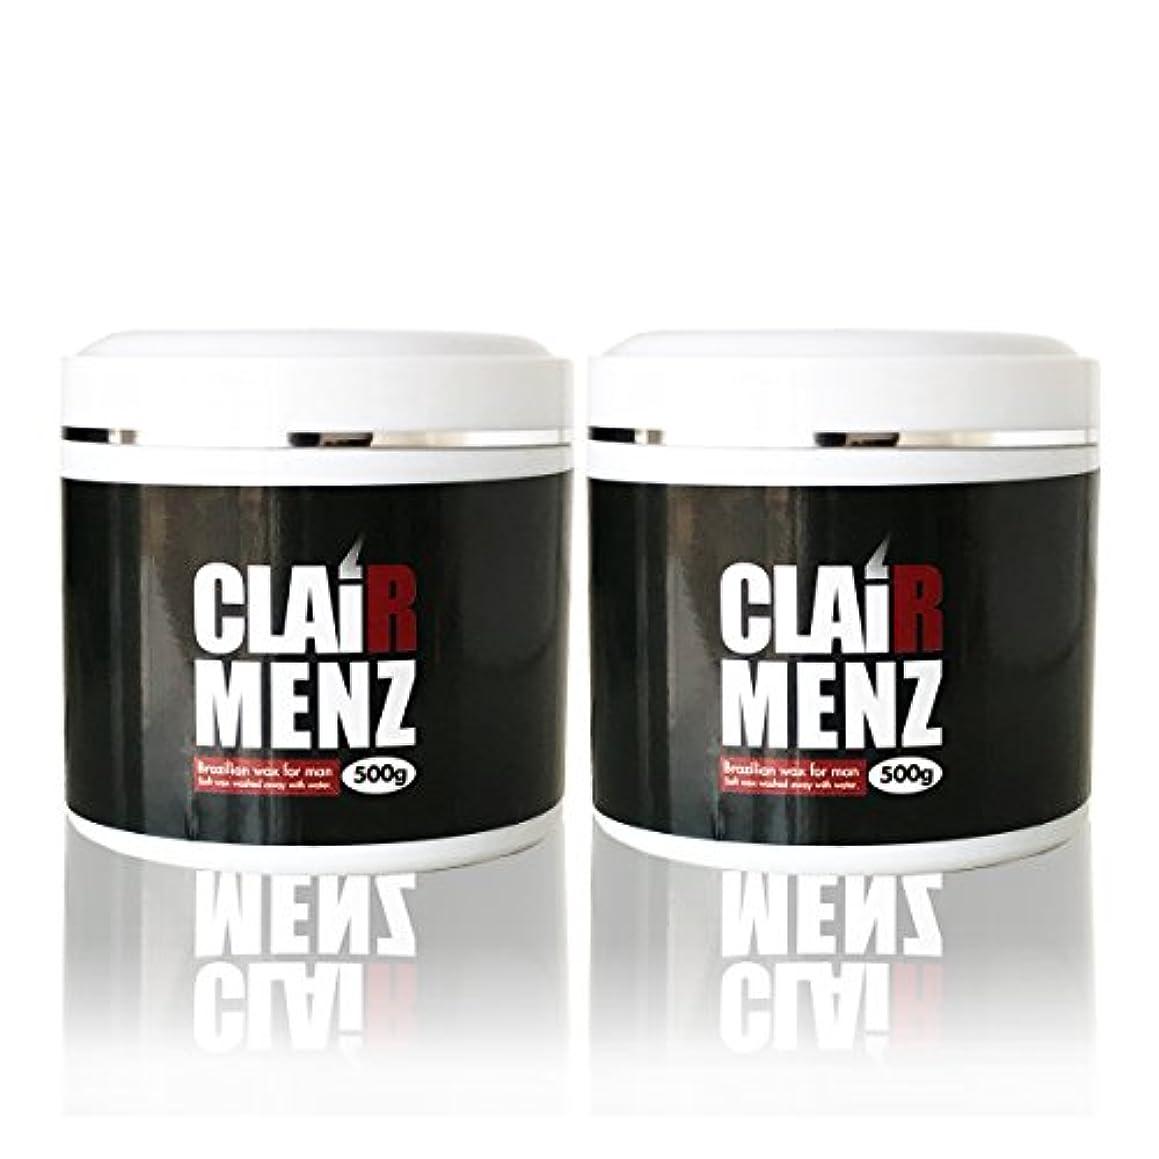 確保するチェスをするアームストロングブラジリアンワックス メンズ専用 clair Menz wax 500g (単品2個セット) メンズ脱毛専用ラベル 無添加ワックス 脱毛